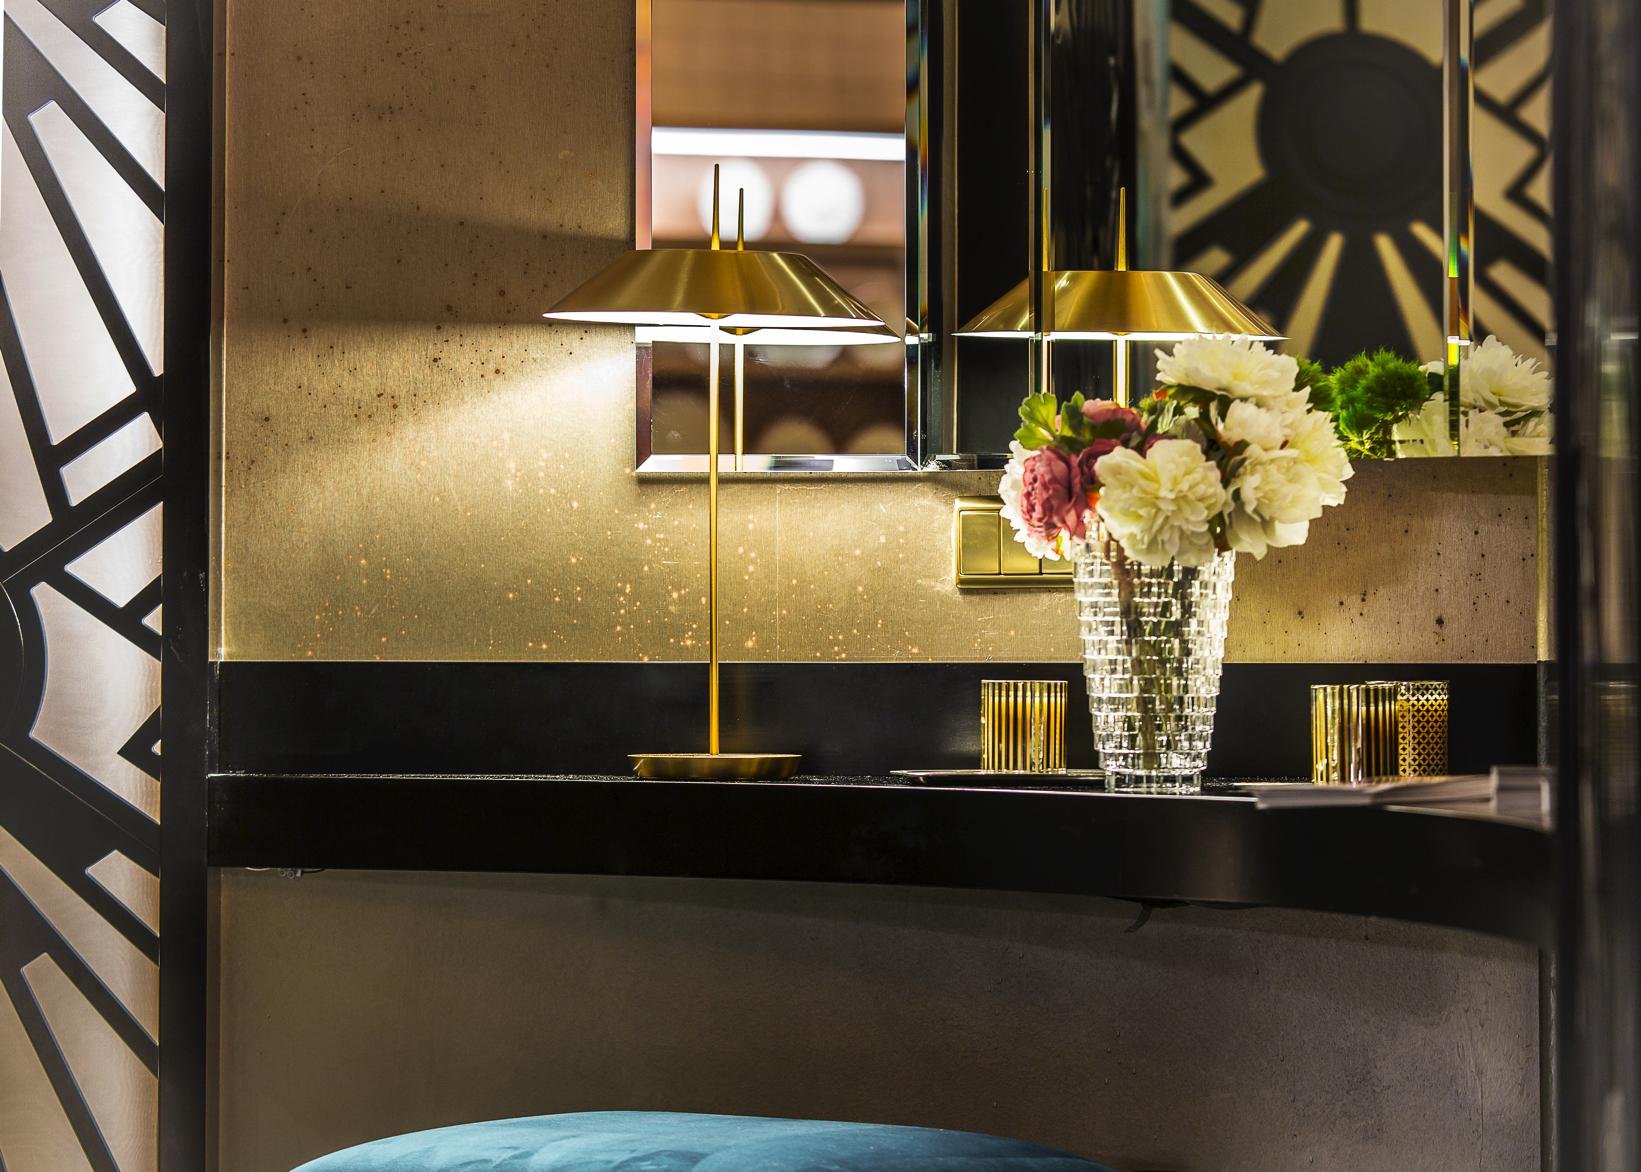 Lámpara de sobremesa Mayfair de Vibia dorada en el espacio Viteri-Lapeña